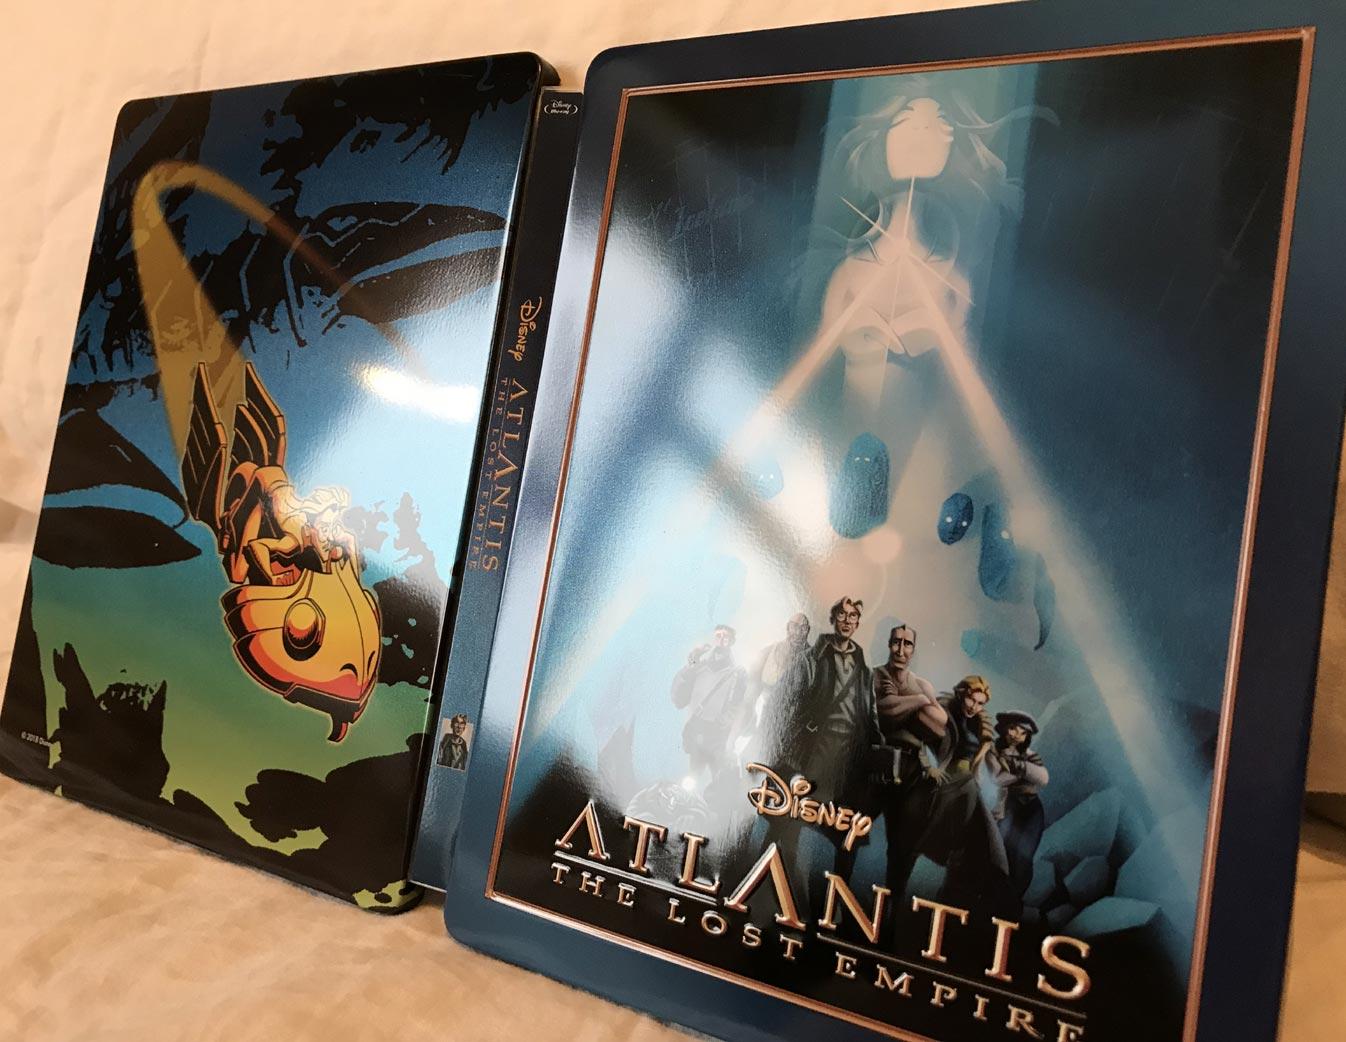 Atlantis-steelbook-1.jpg